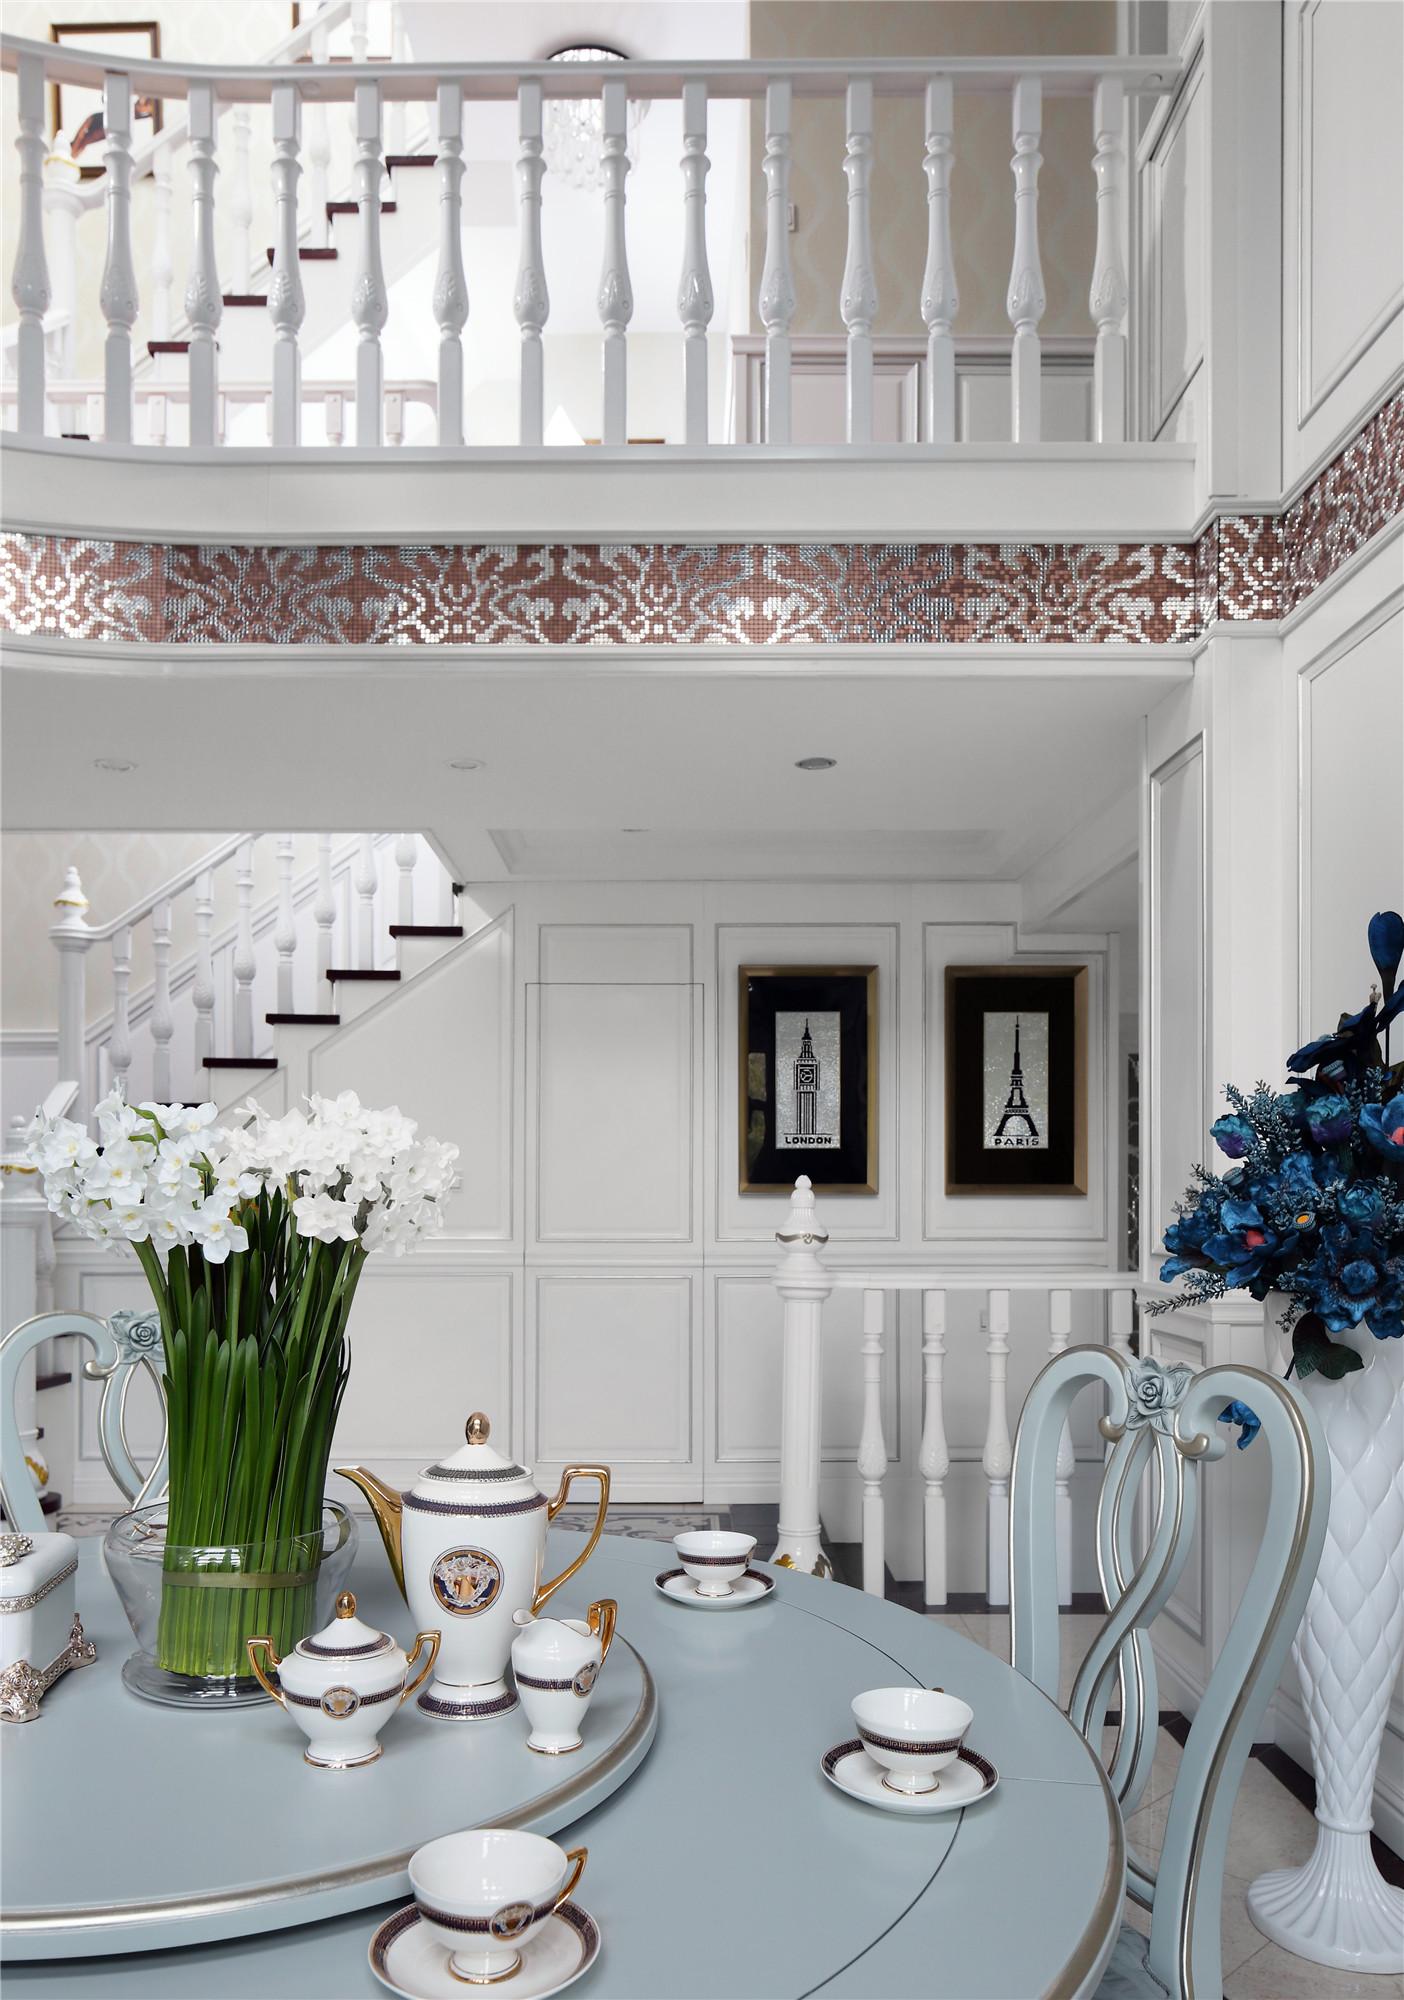 法式风格别墅装修餐桌图片